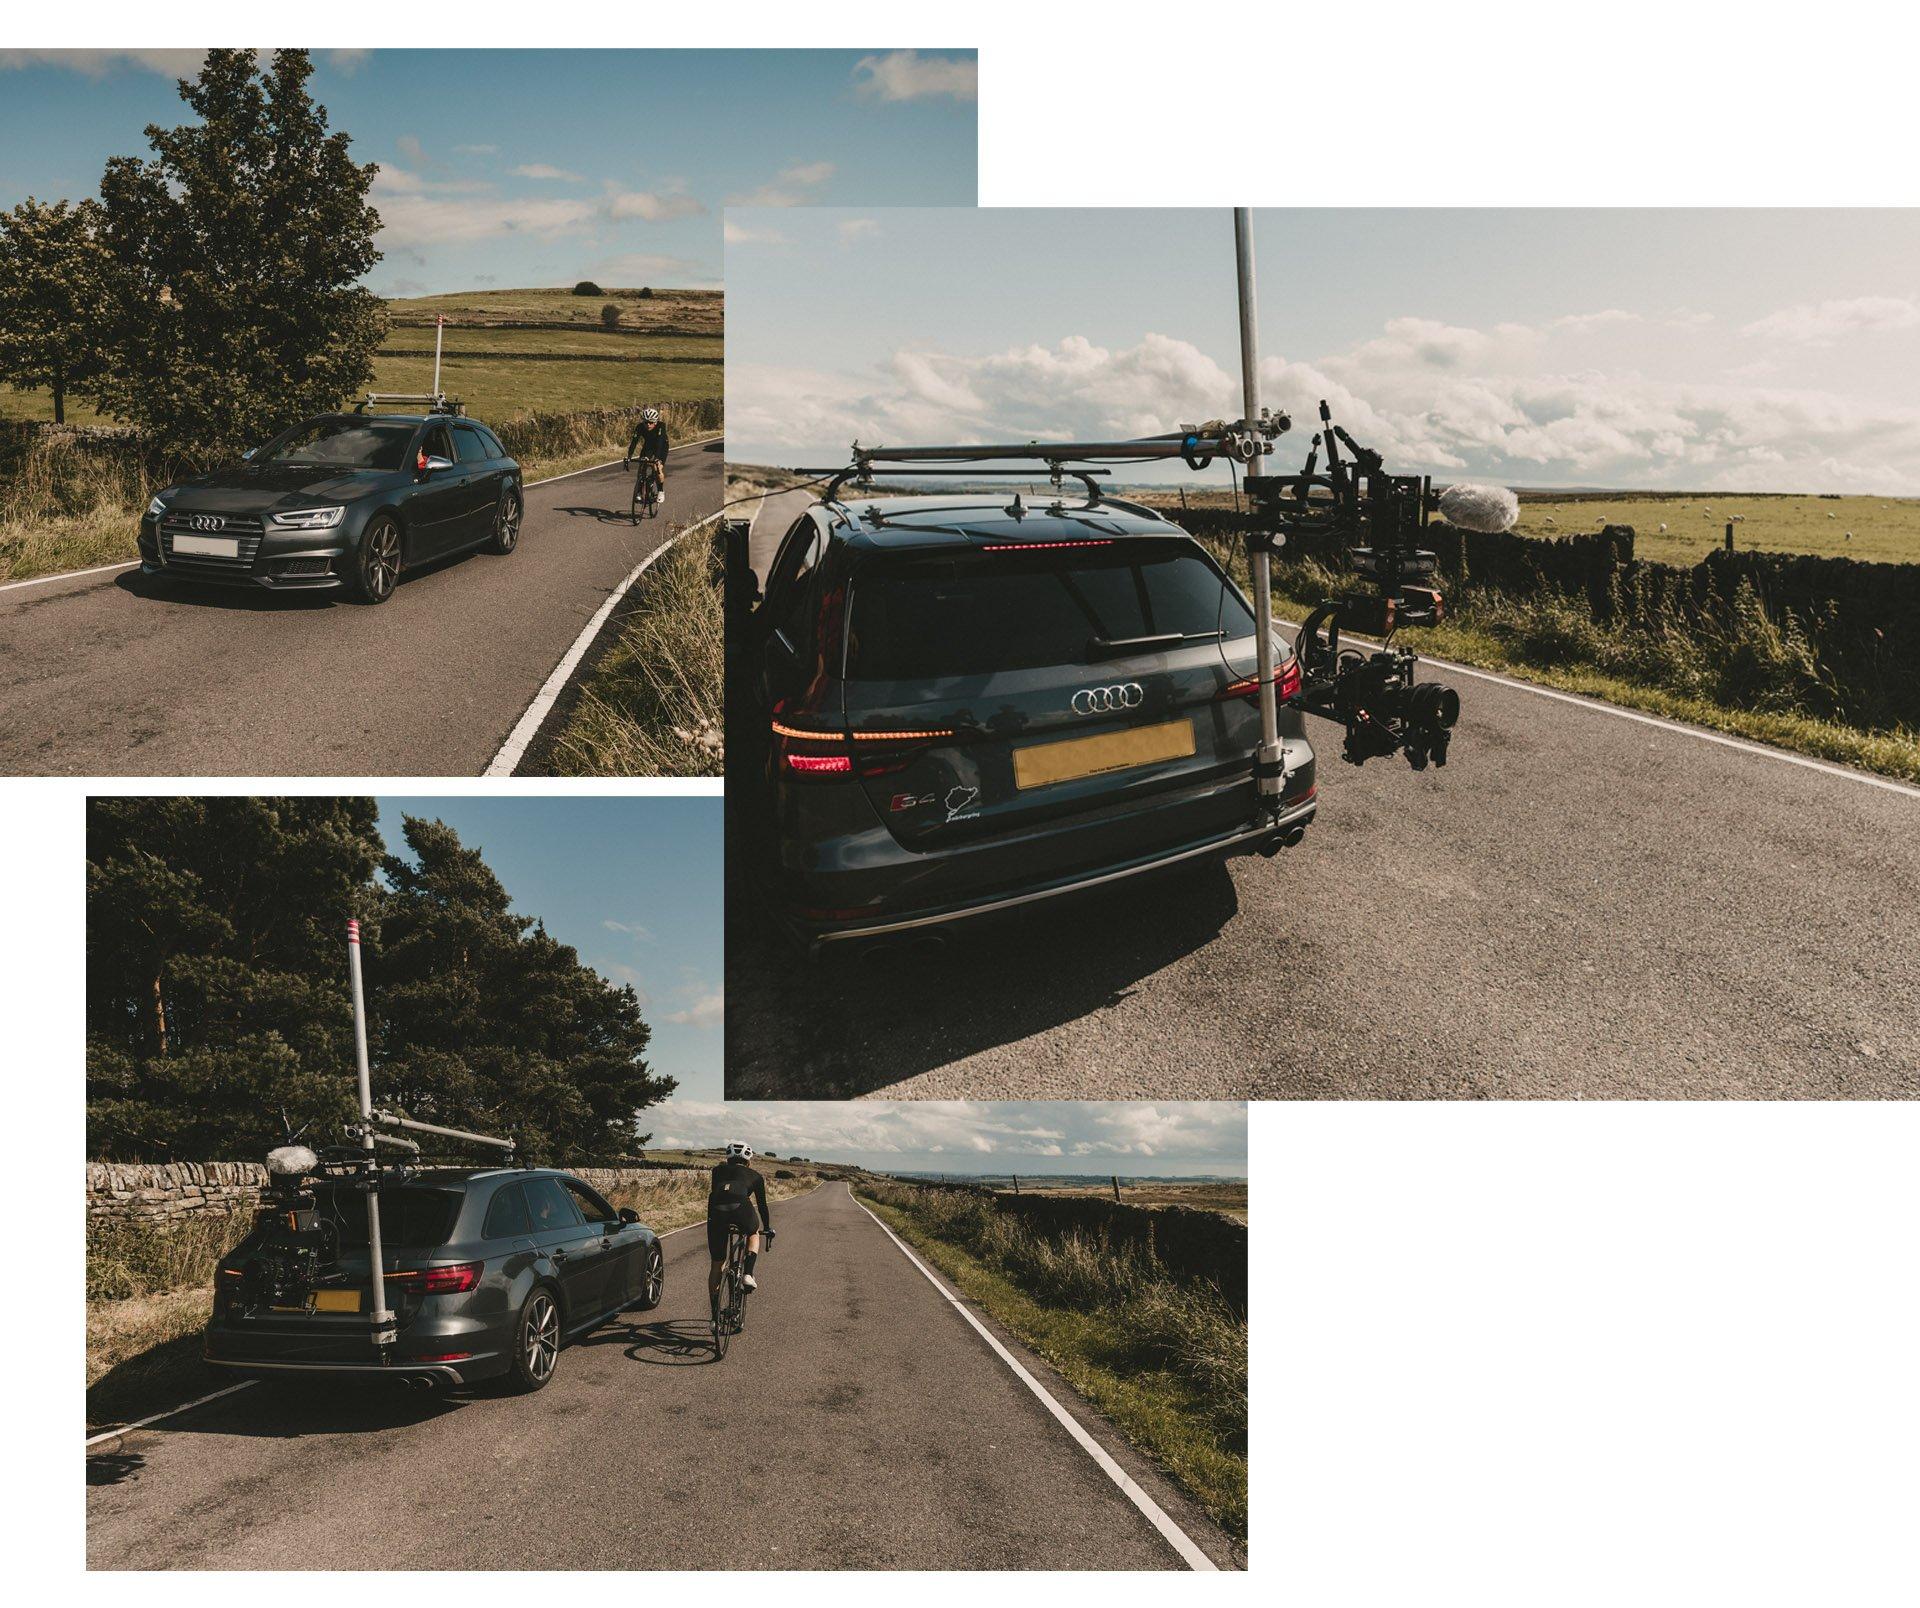 Audi S6 film rig